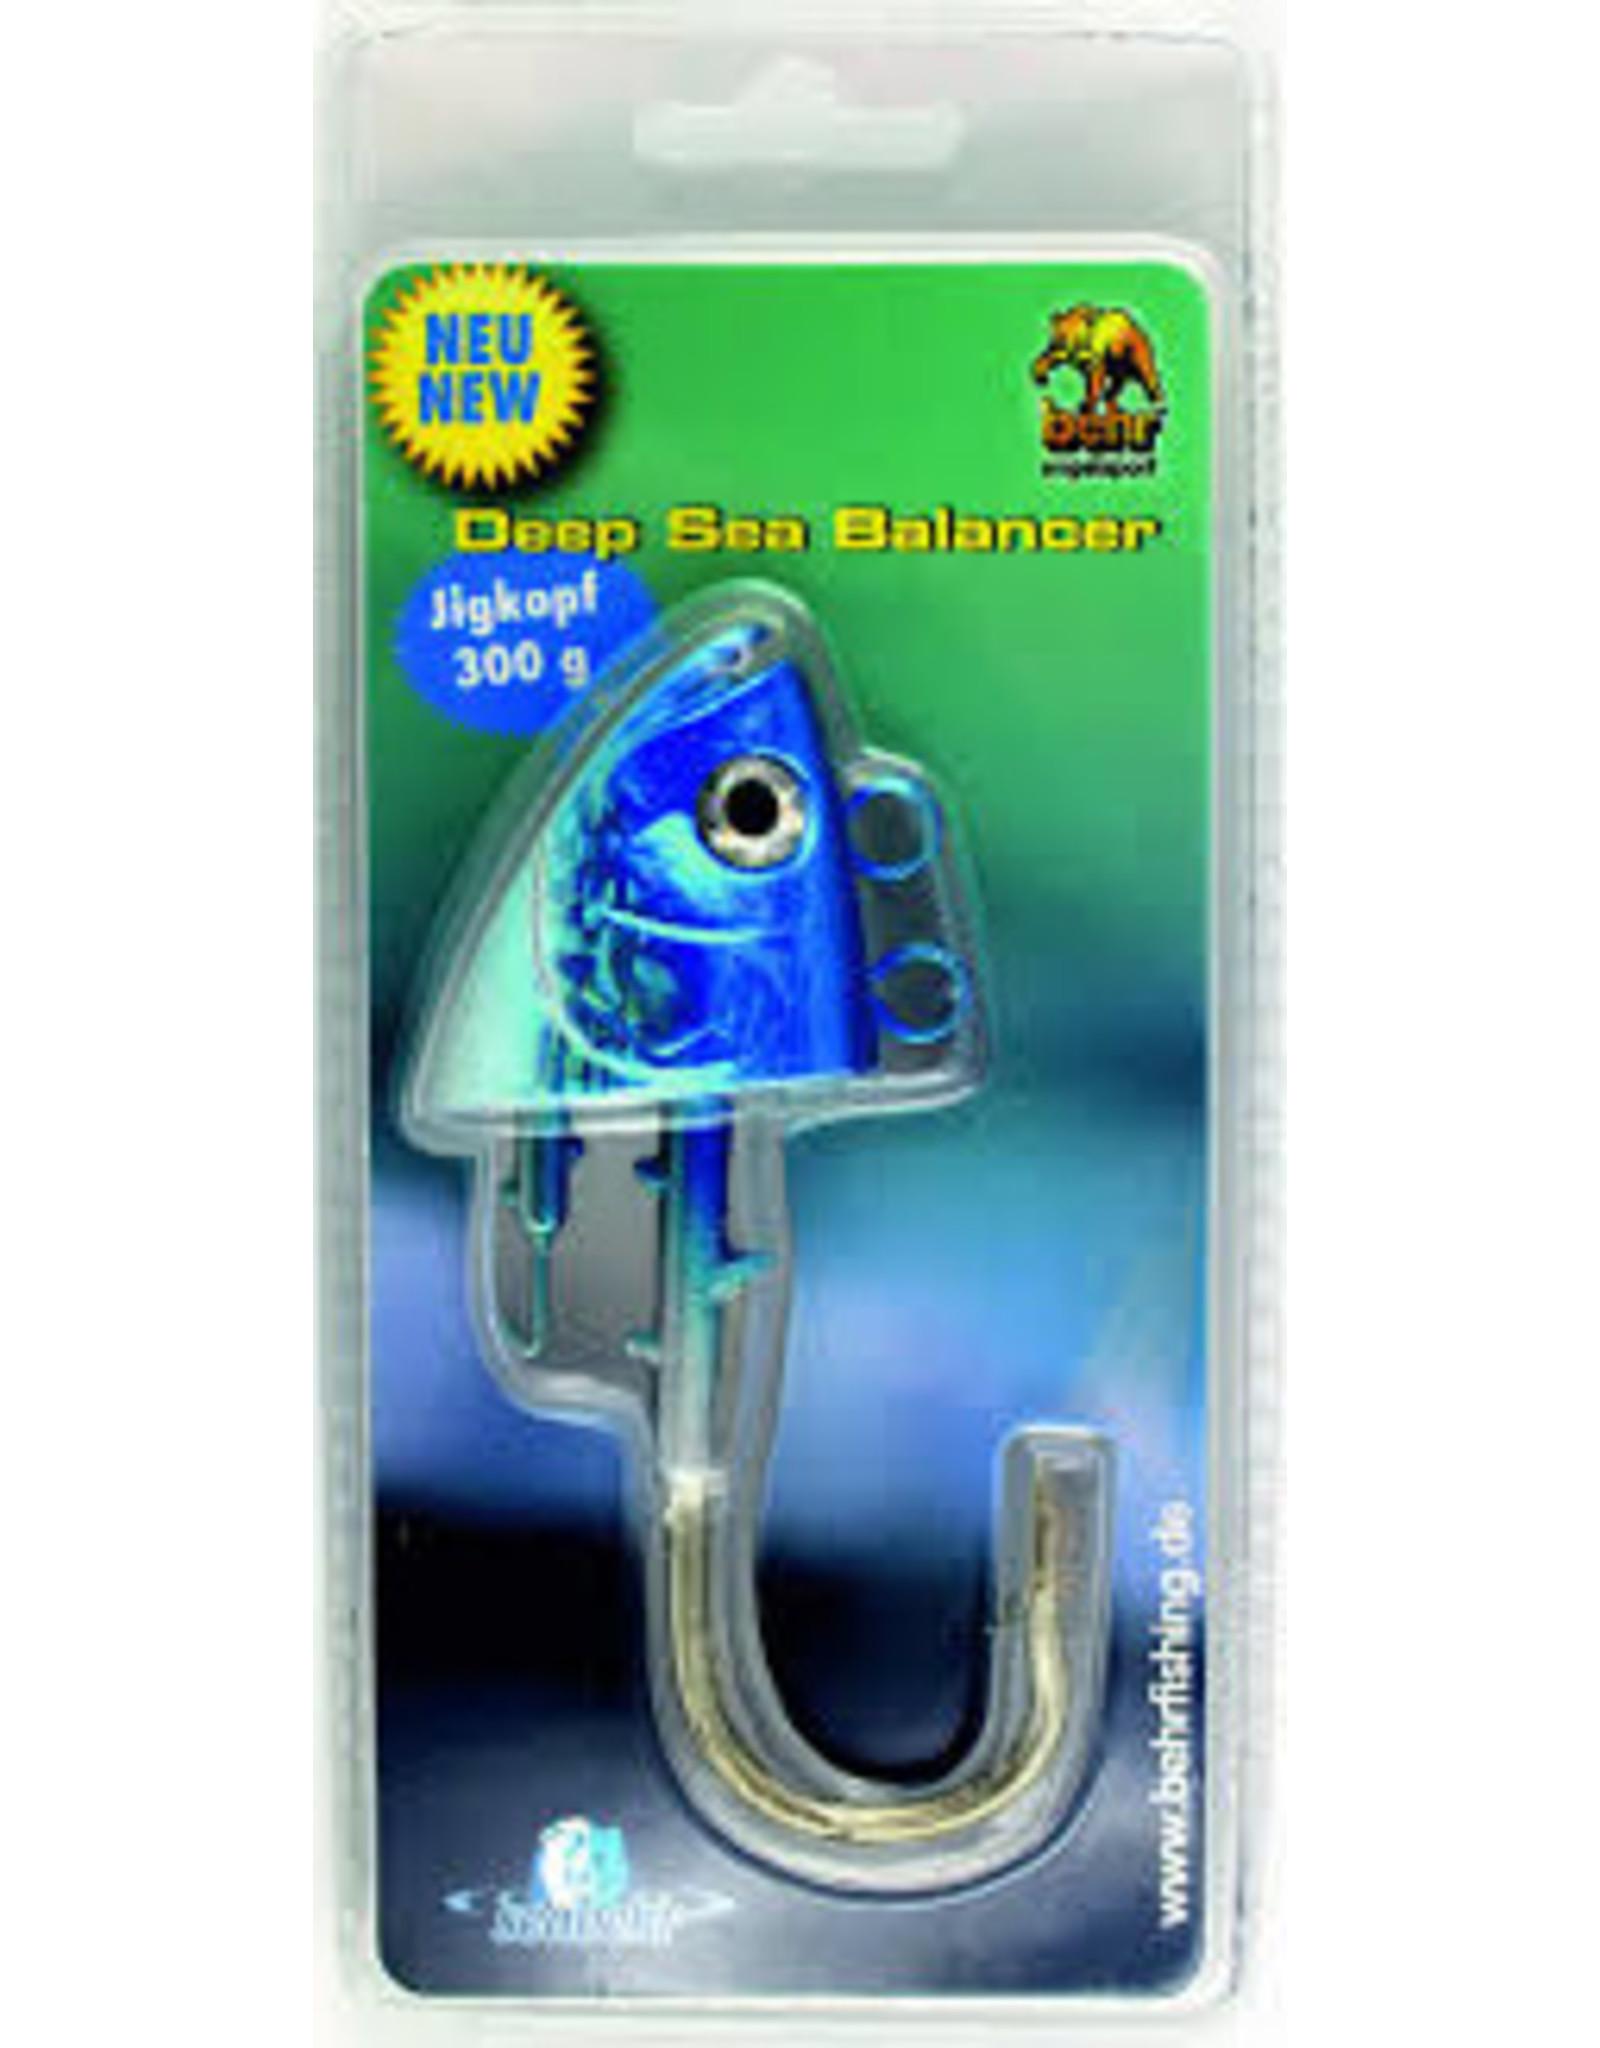 behr Behr Deep Sea Balancer Jigkop 300 gr